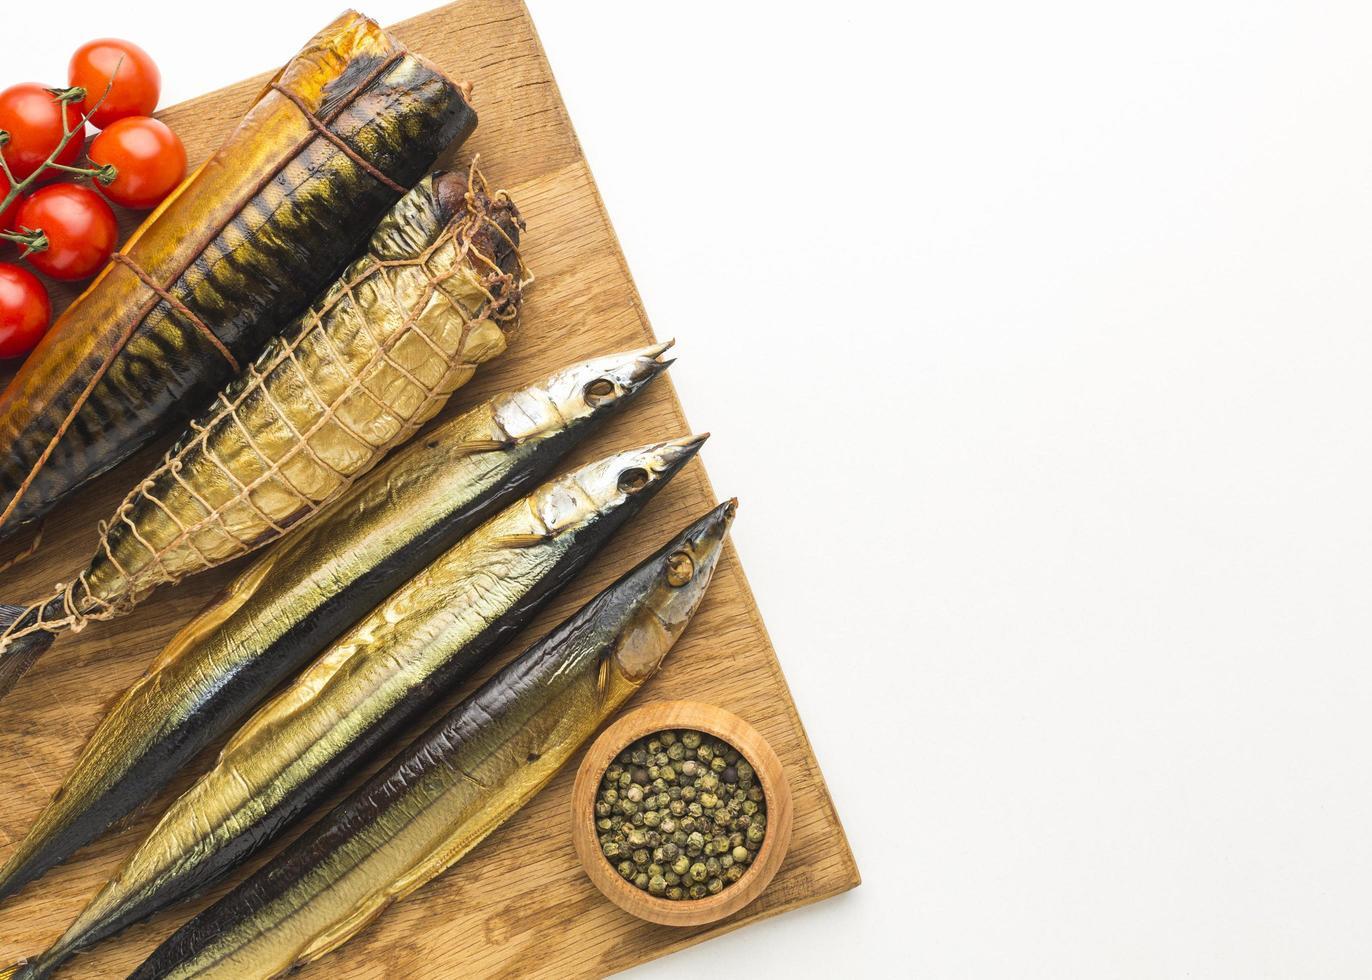 gerookte vis op een houten bord foto